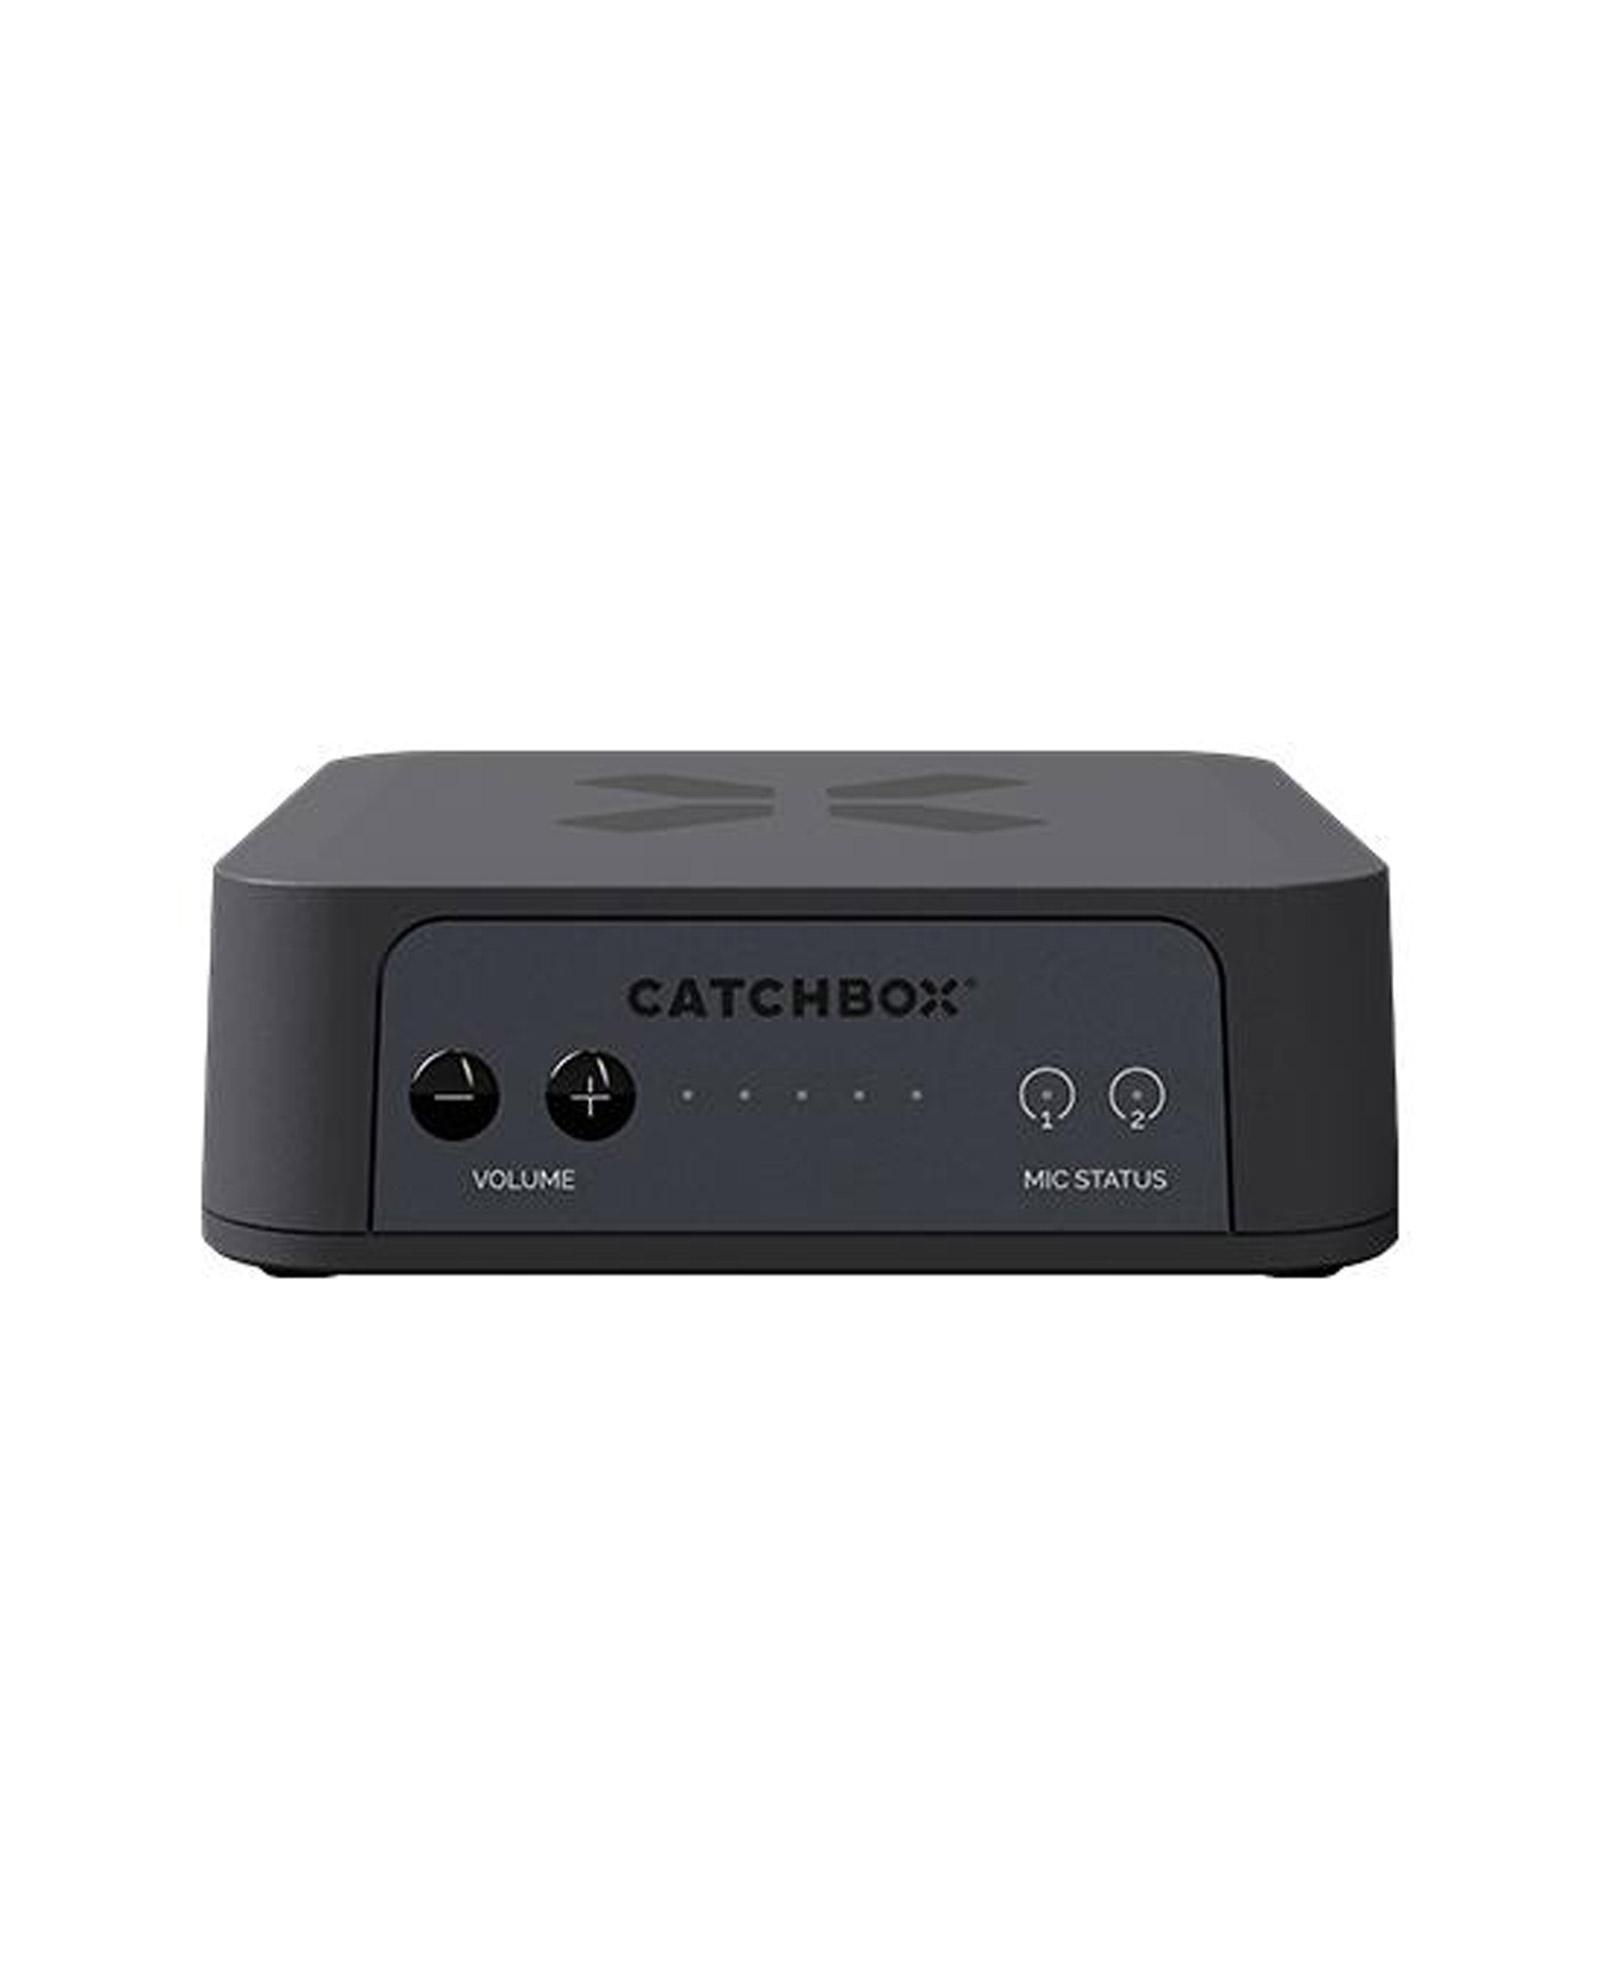 Catchbox Plus Reciever